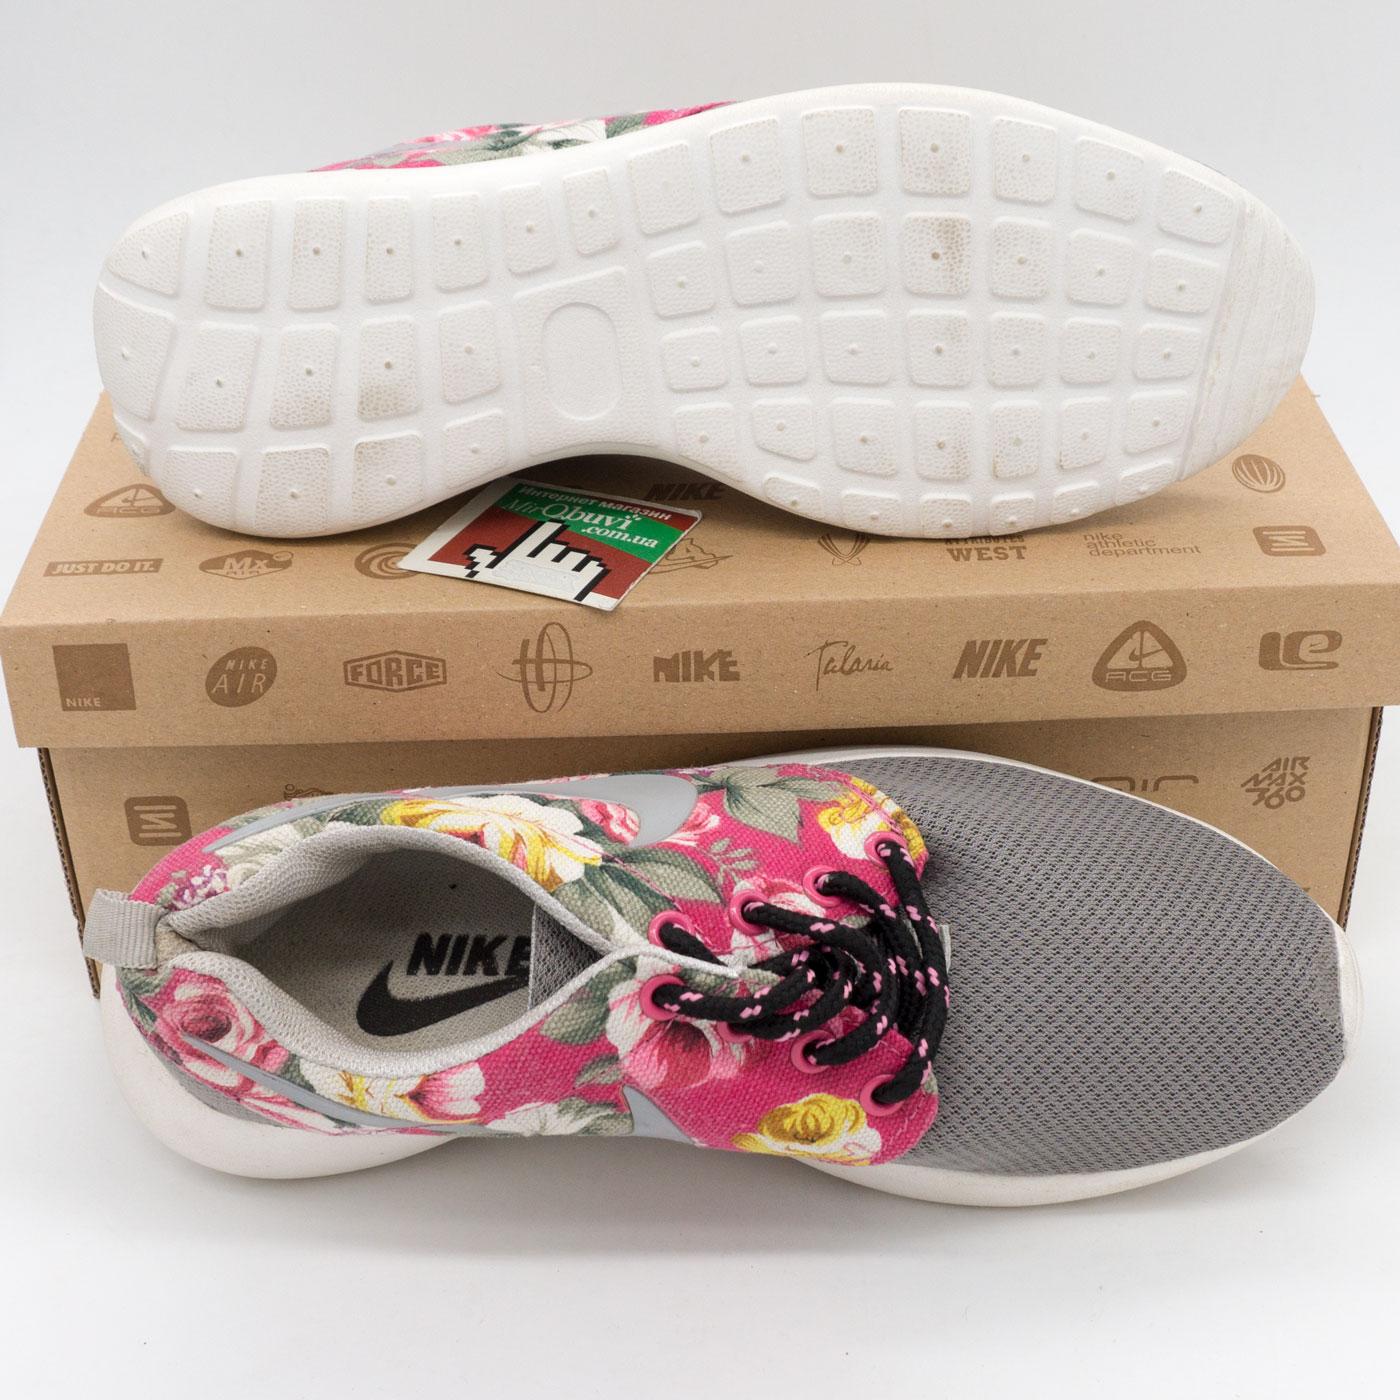 фото bottom Женские кроссовки Nike Roshe Run серые в цветочек bottom